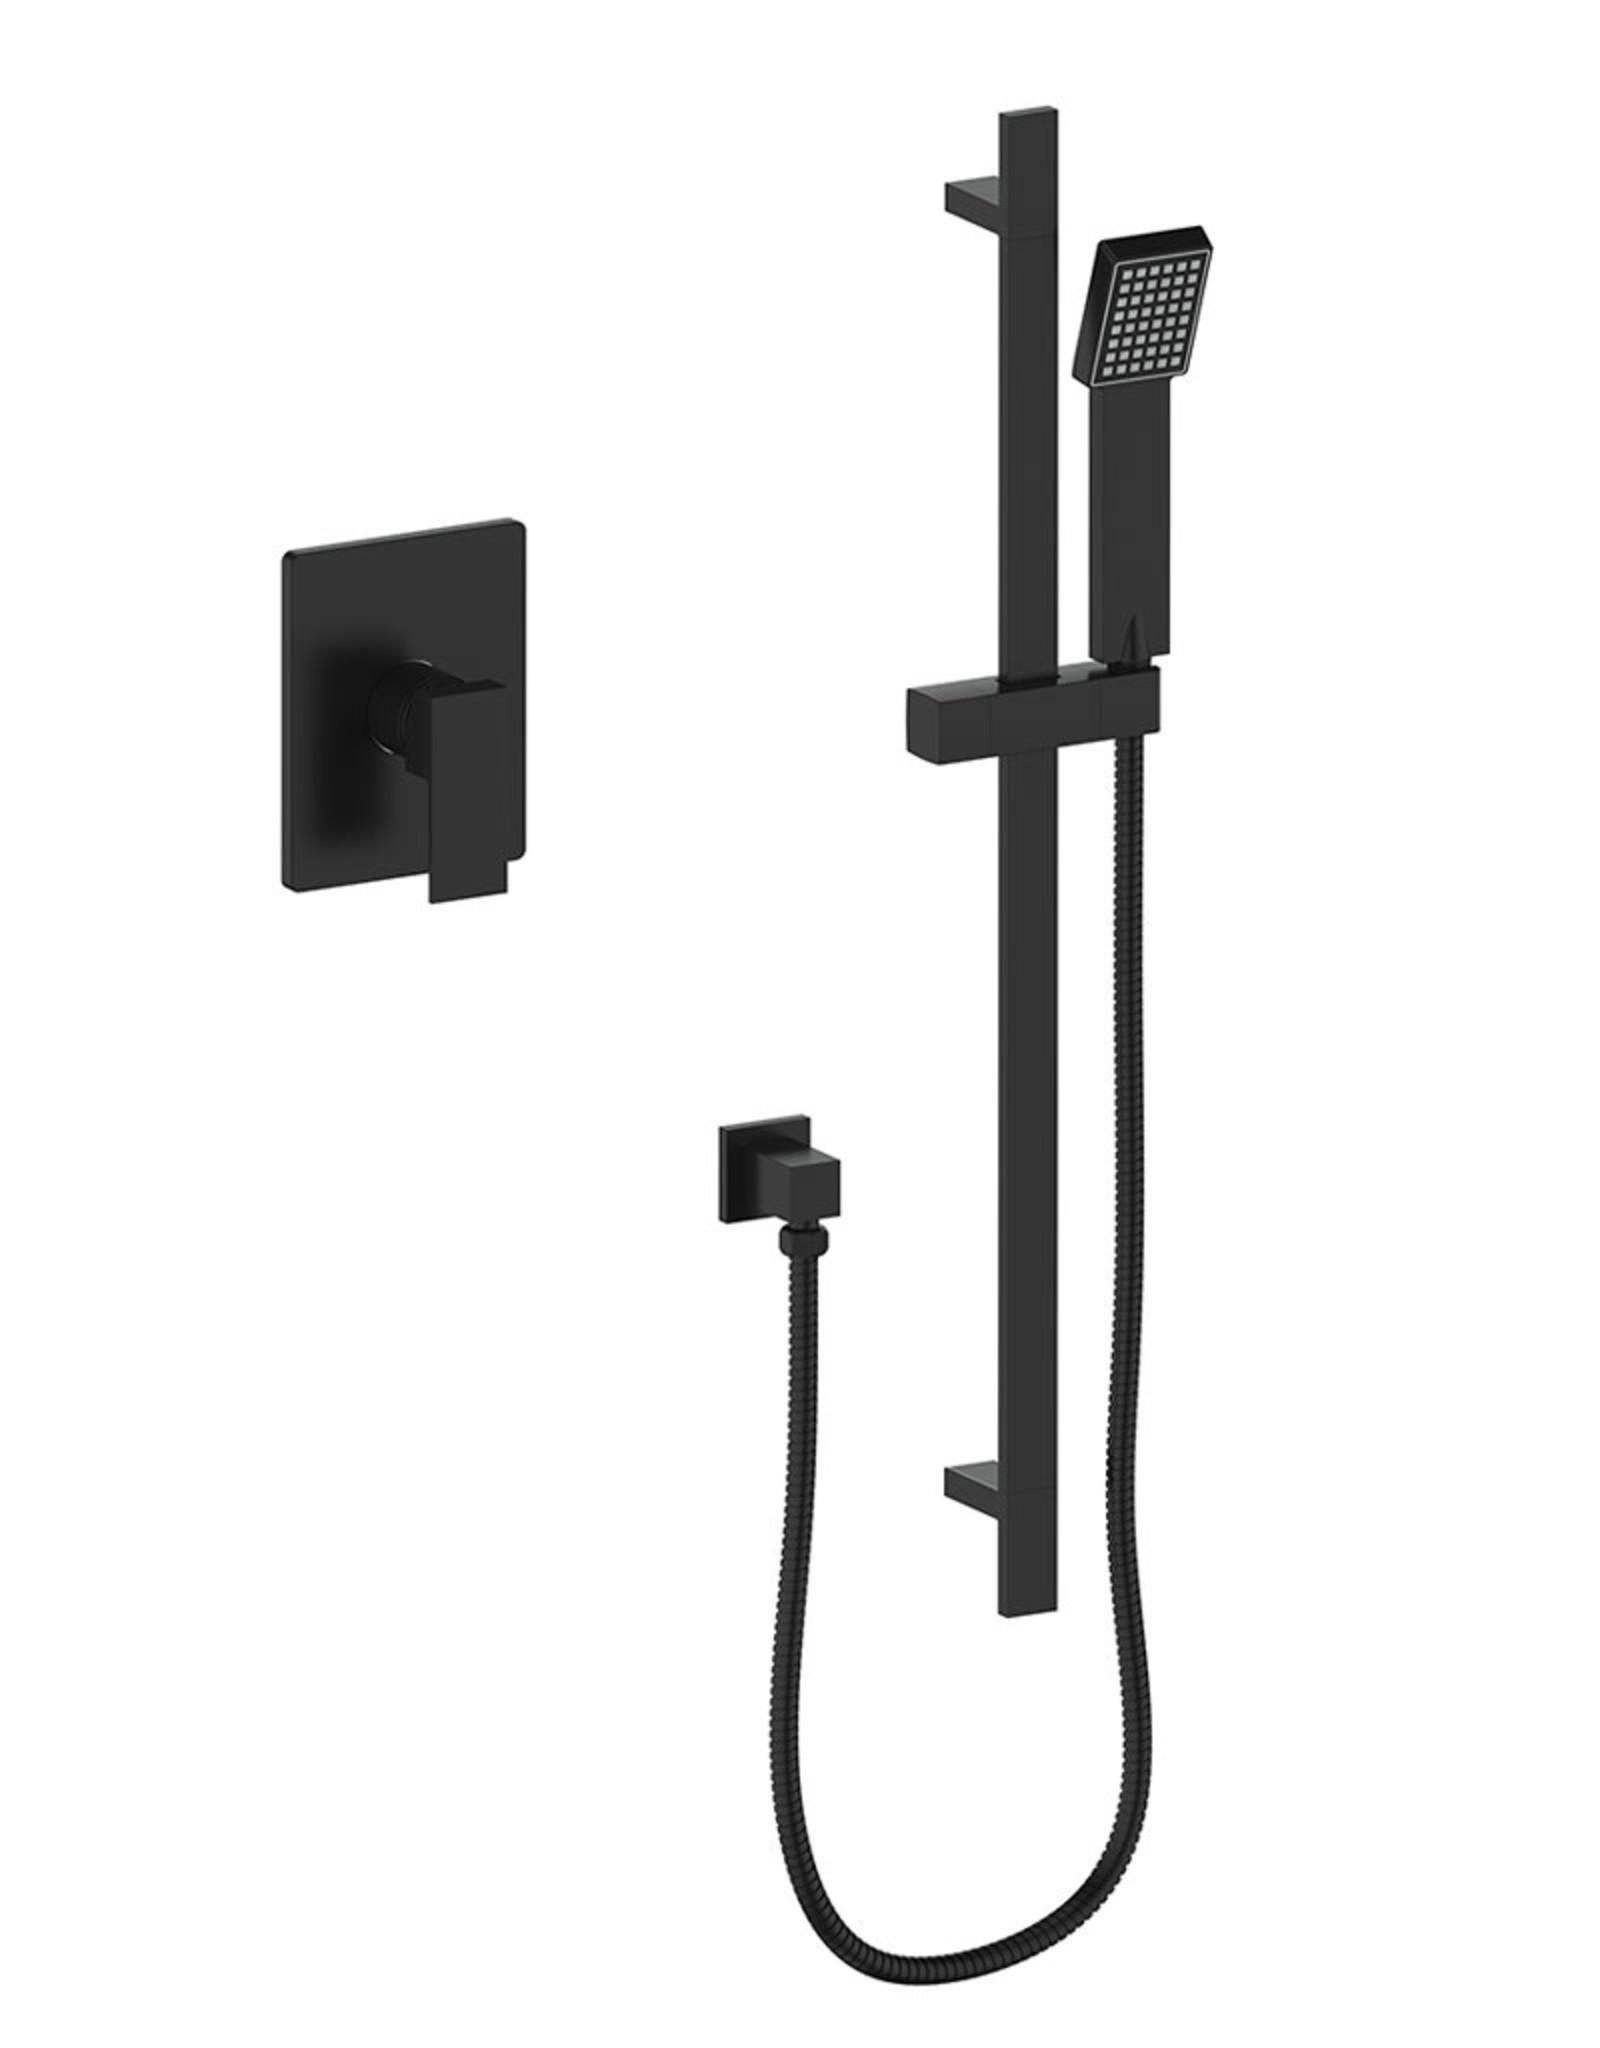 Vogt Vogt Kapfenberg 1-Way Pressure Balance Shower Kit- Handheld